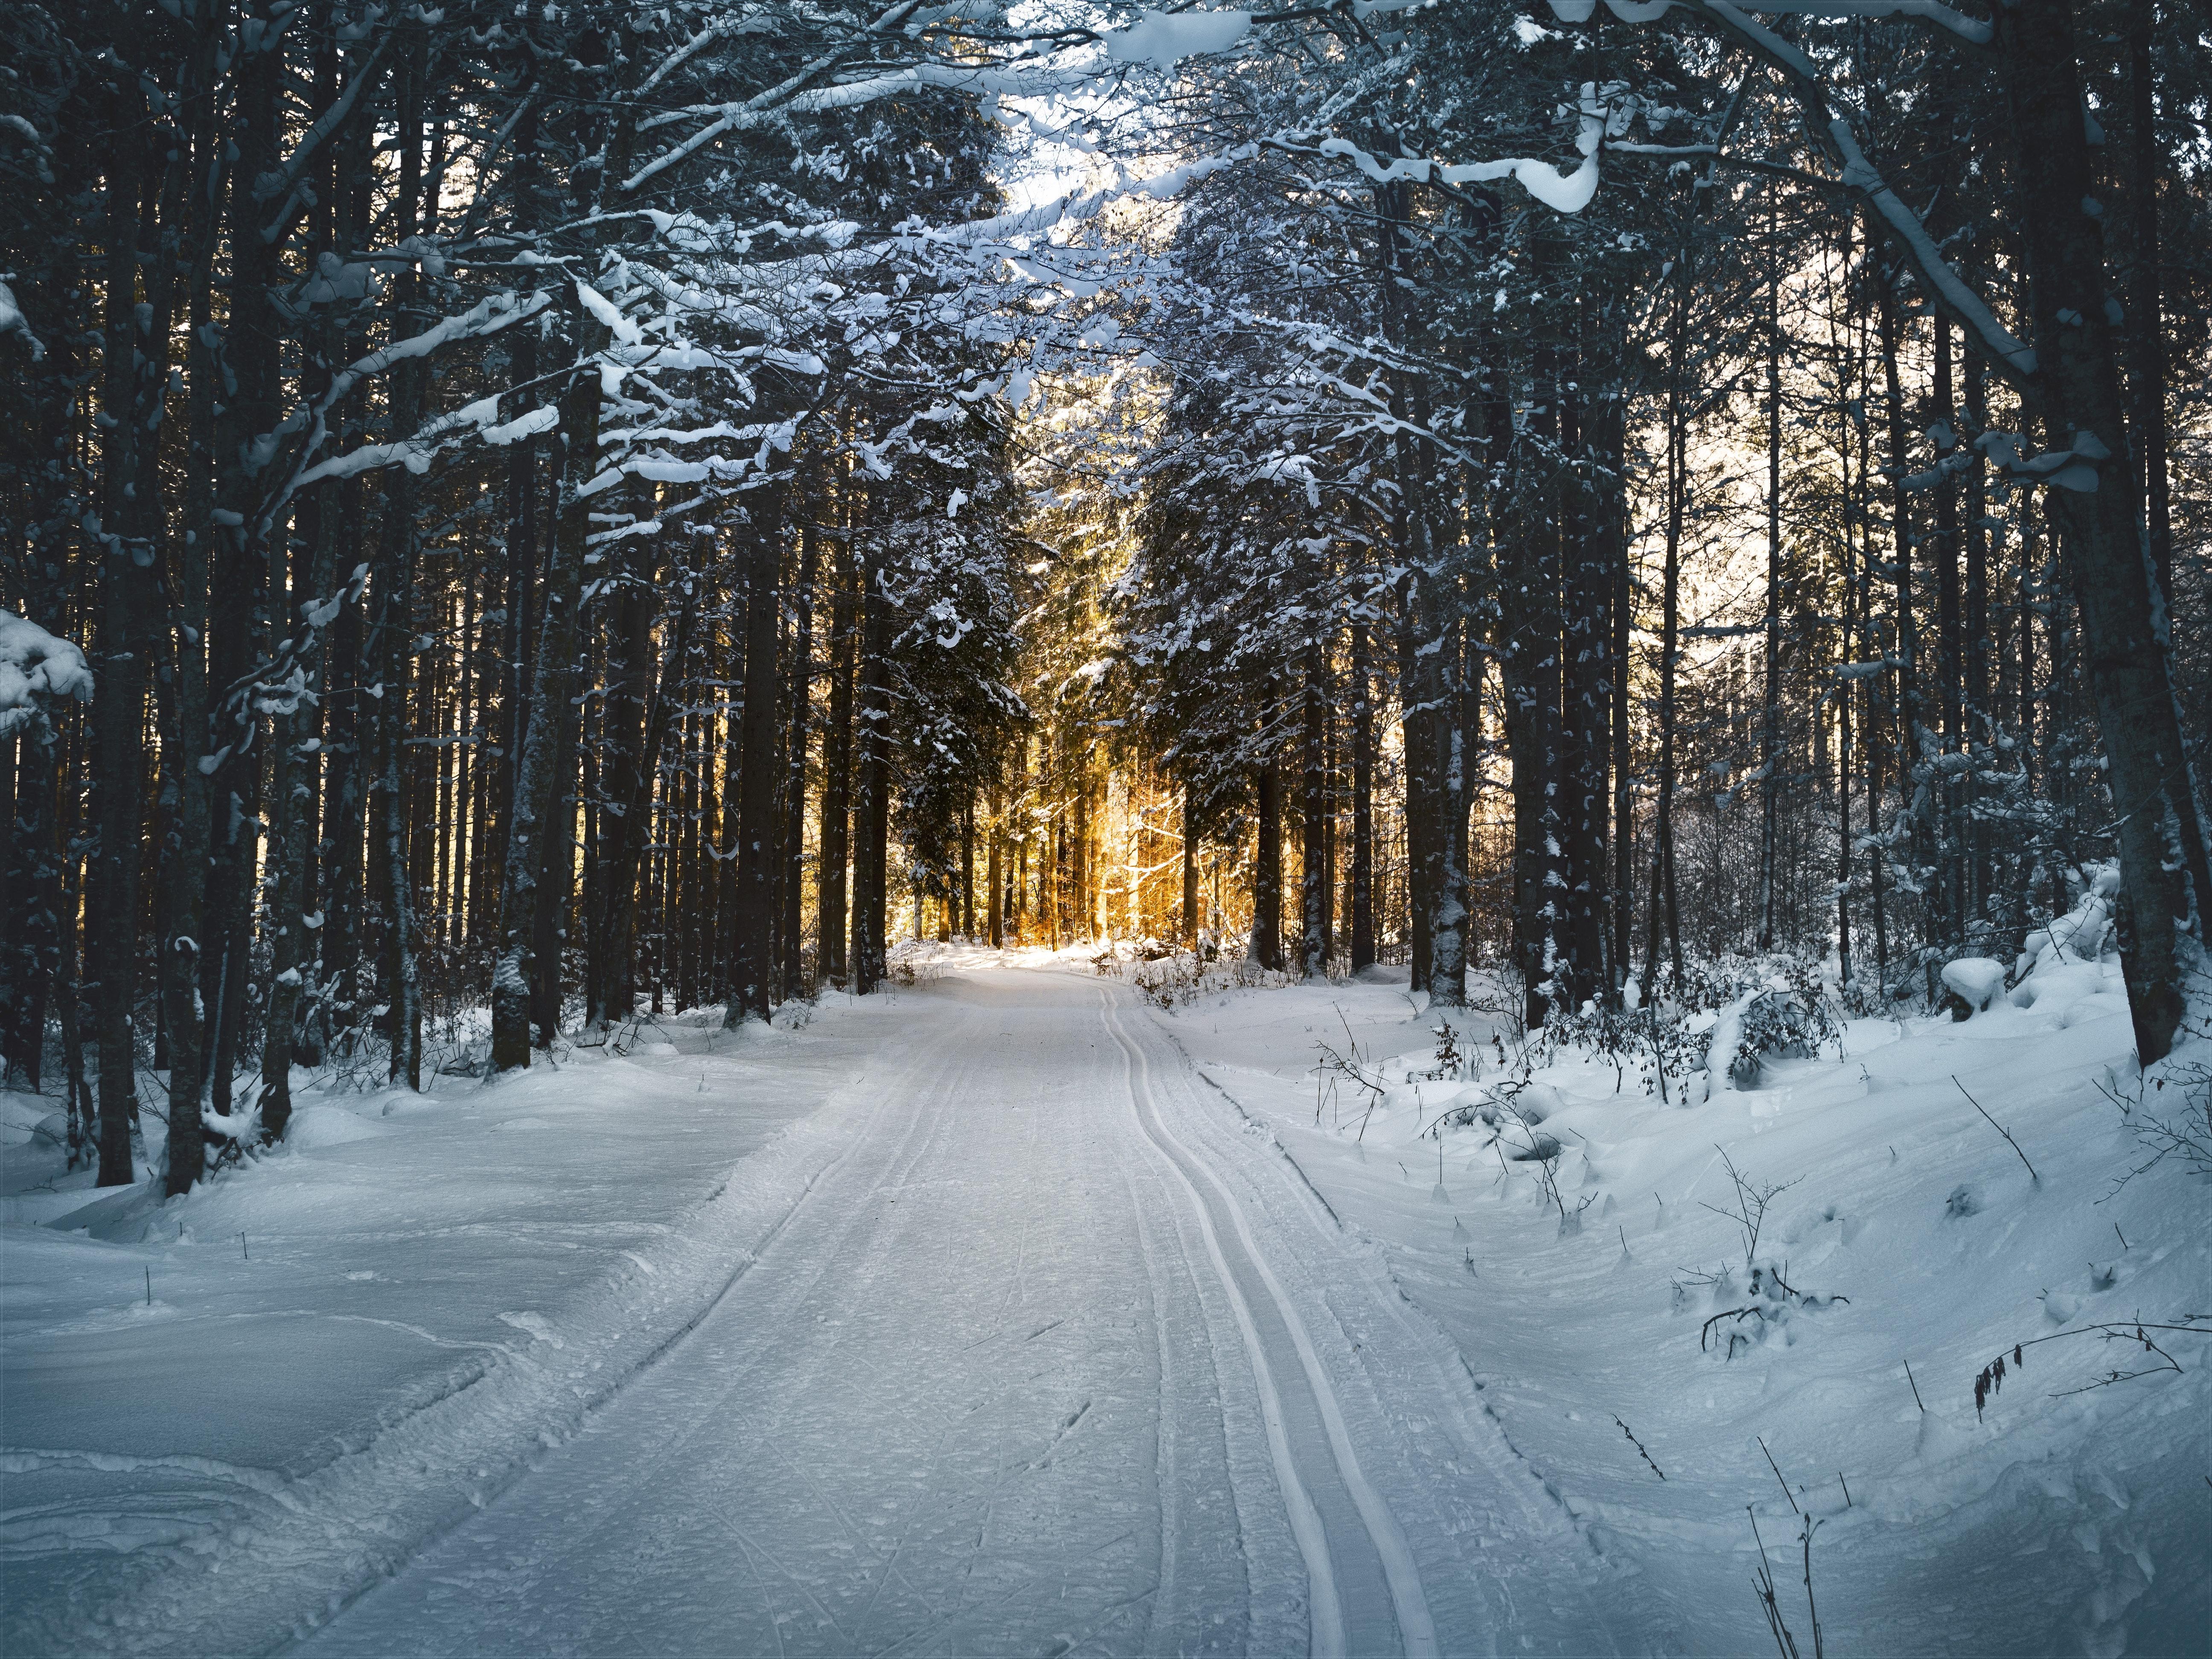 Jak przygotować się douprawiania sportów zimowych? | Męskie zdrowie